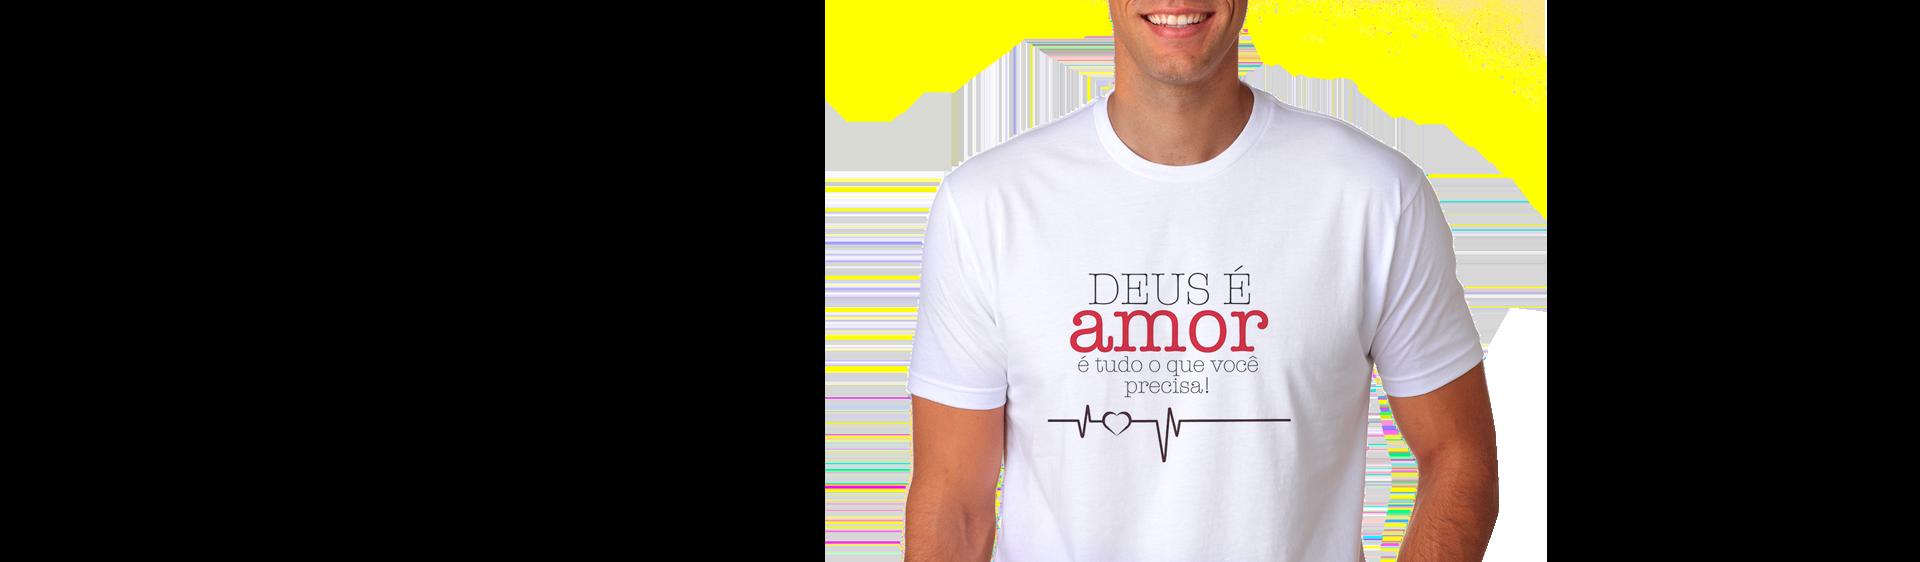 camiseta evangelica